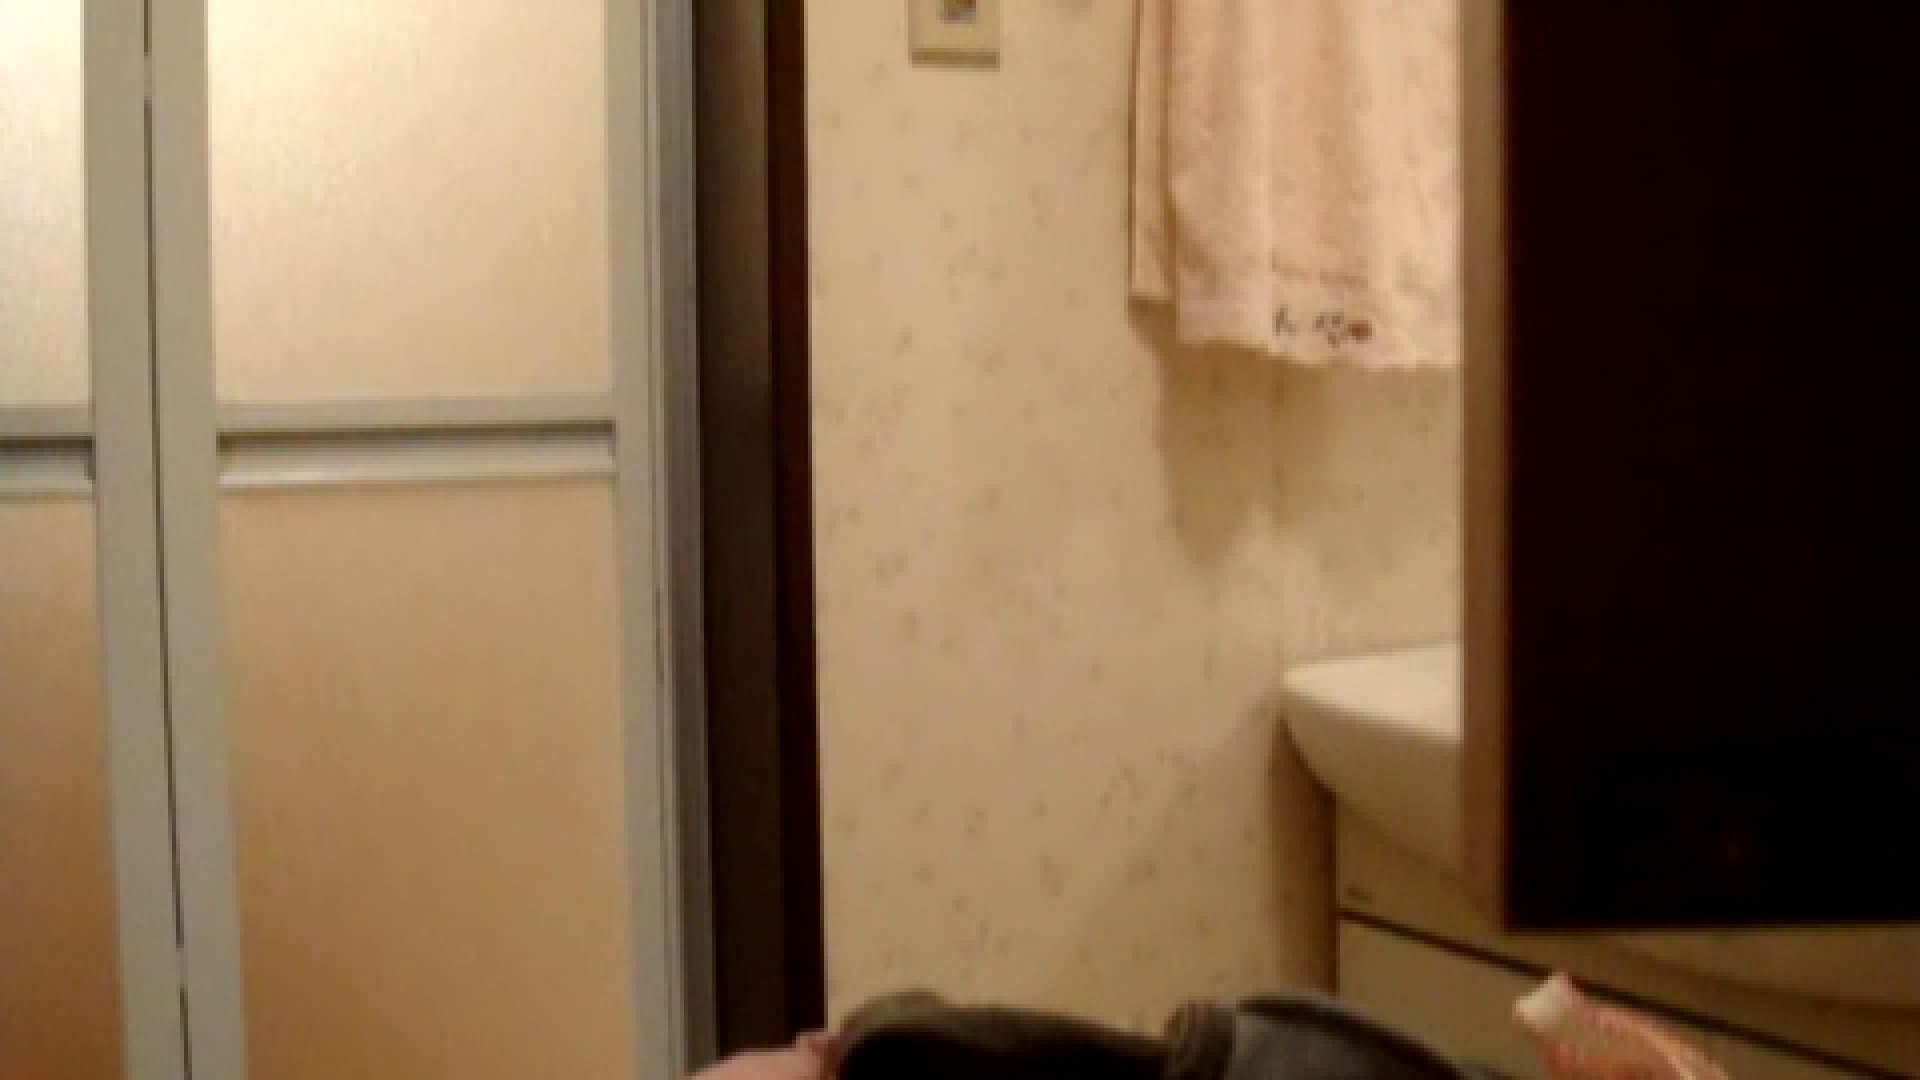 二人とも育てた甲斐がありました… vol.08 まどかの入浴中にカメラに気付いたか!? 入浴特集   0  9枚 9